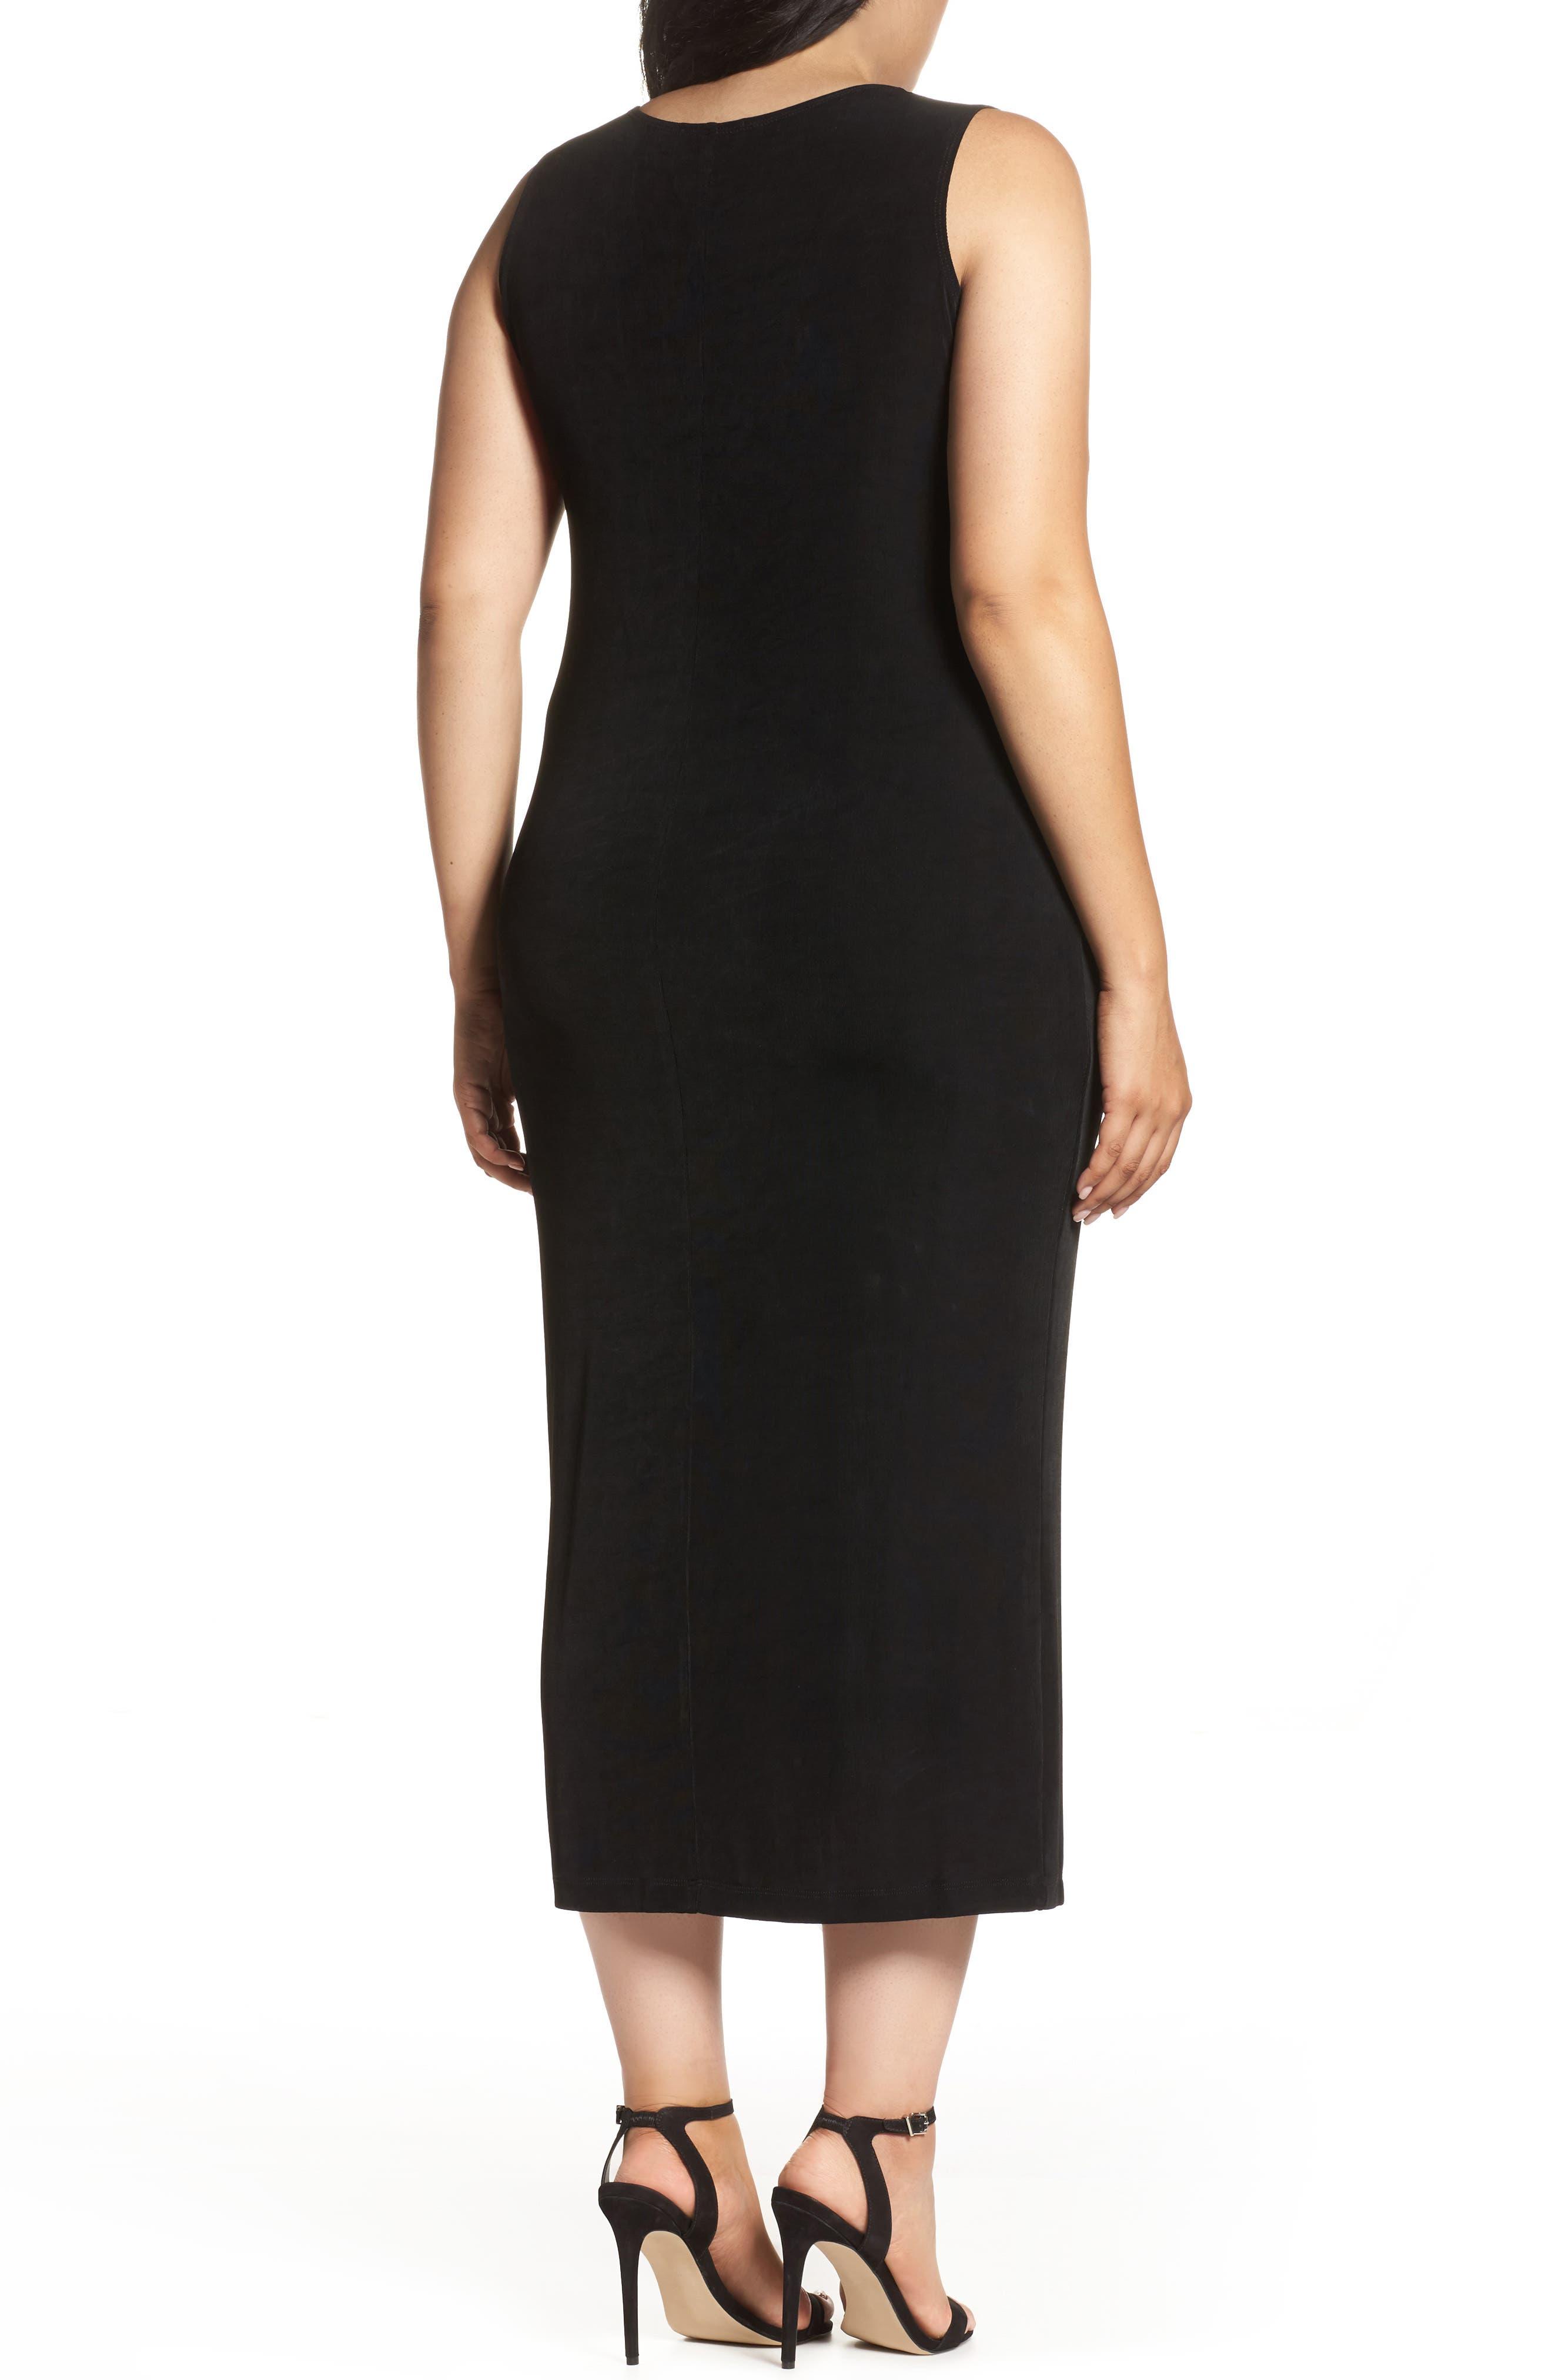 VIKKI VI, Sleeveless Maxi Tank Dress, Alternate thumbnail 2, color, BLACK